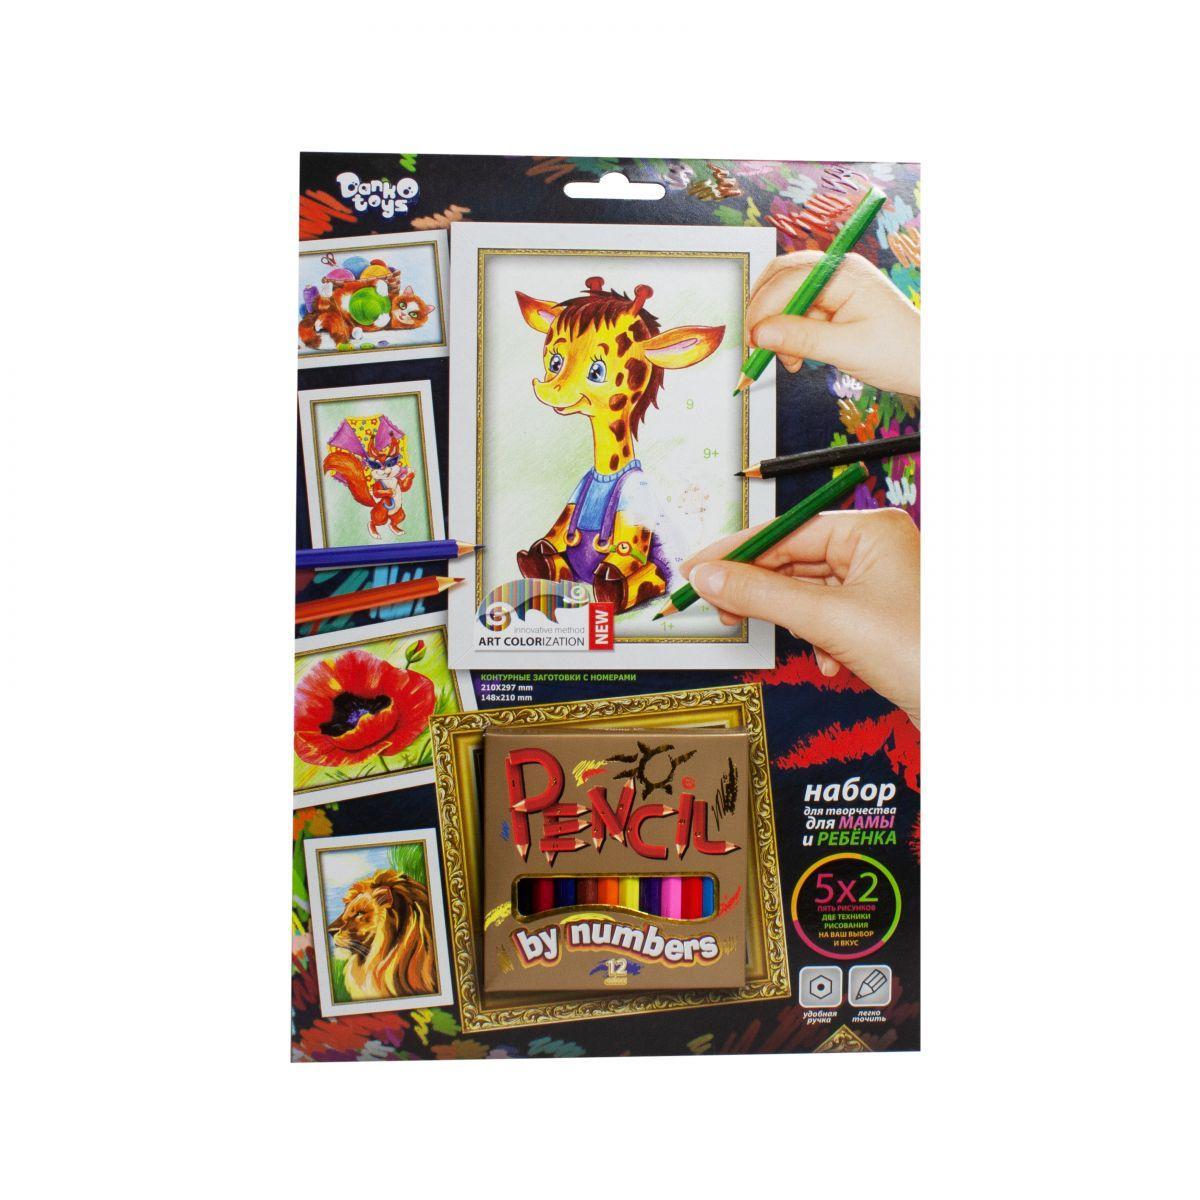 Картина по номерам с карандашами Вид 2